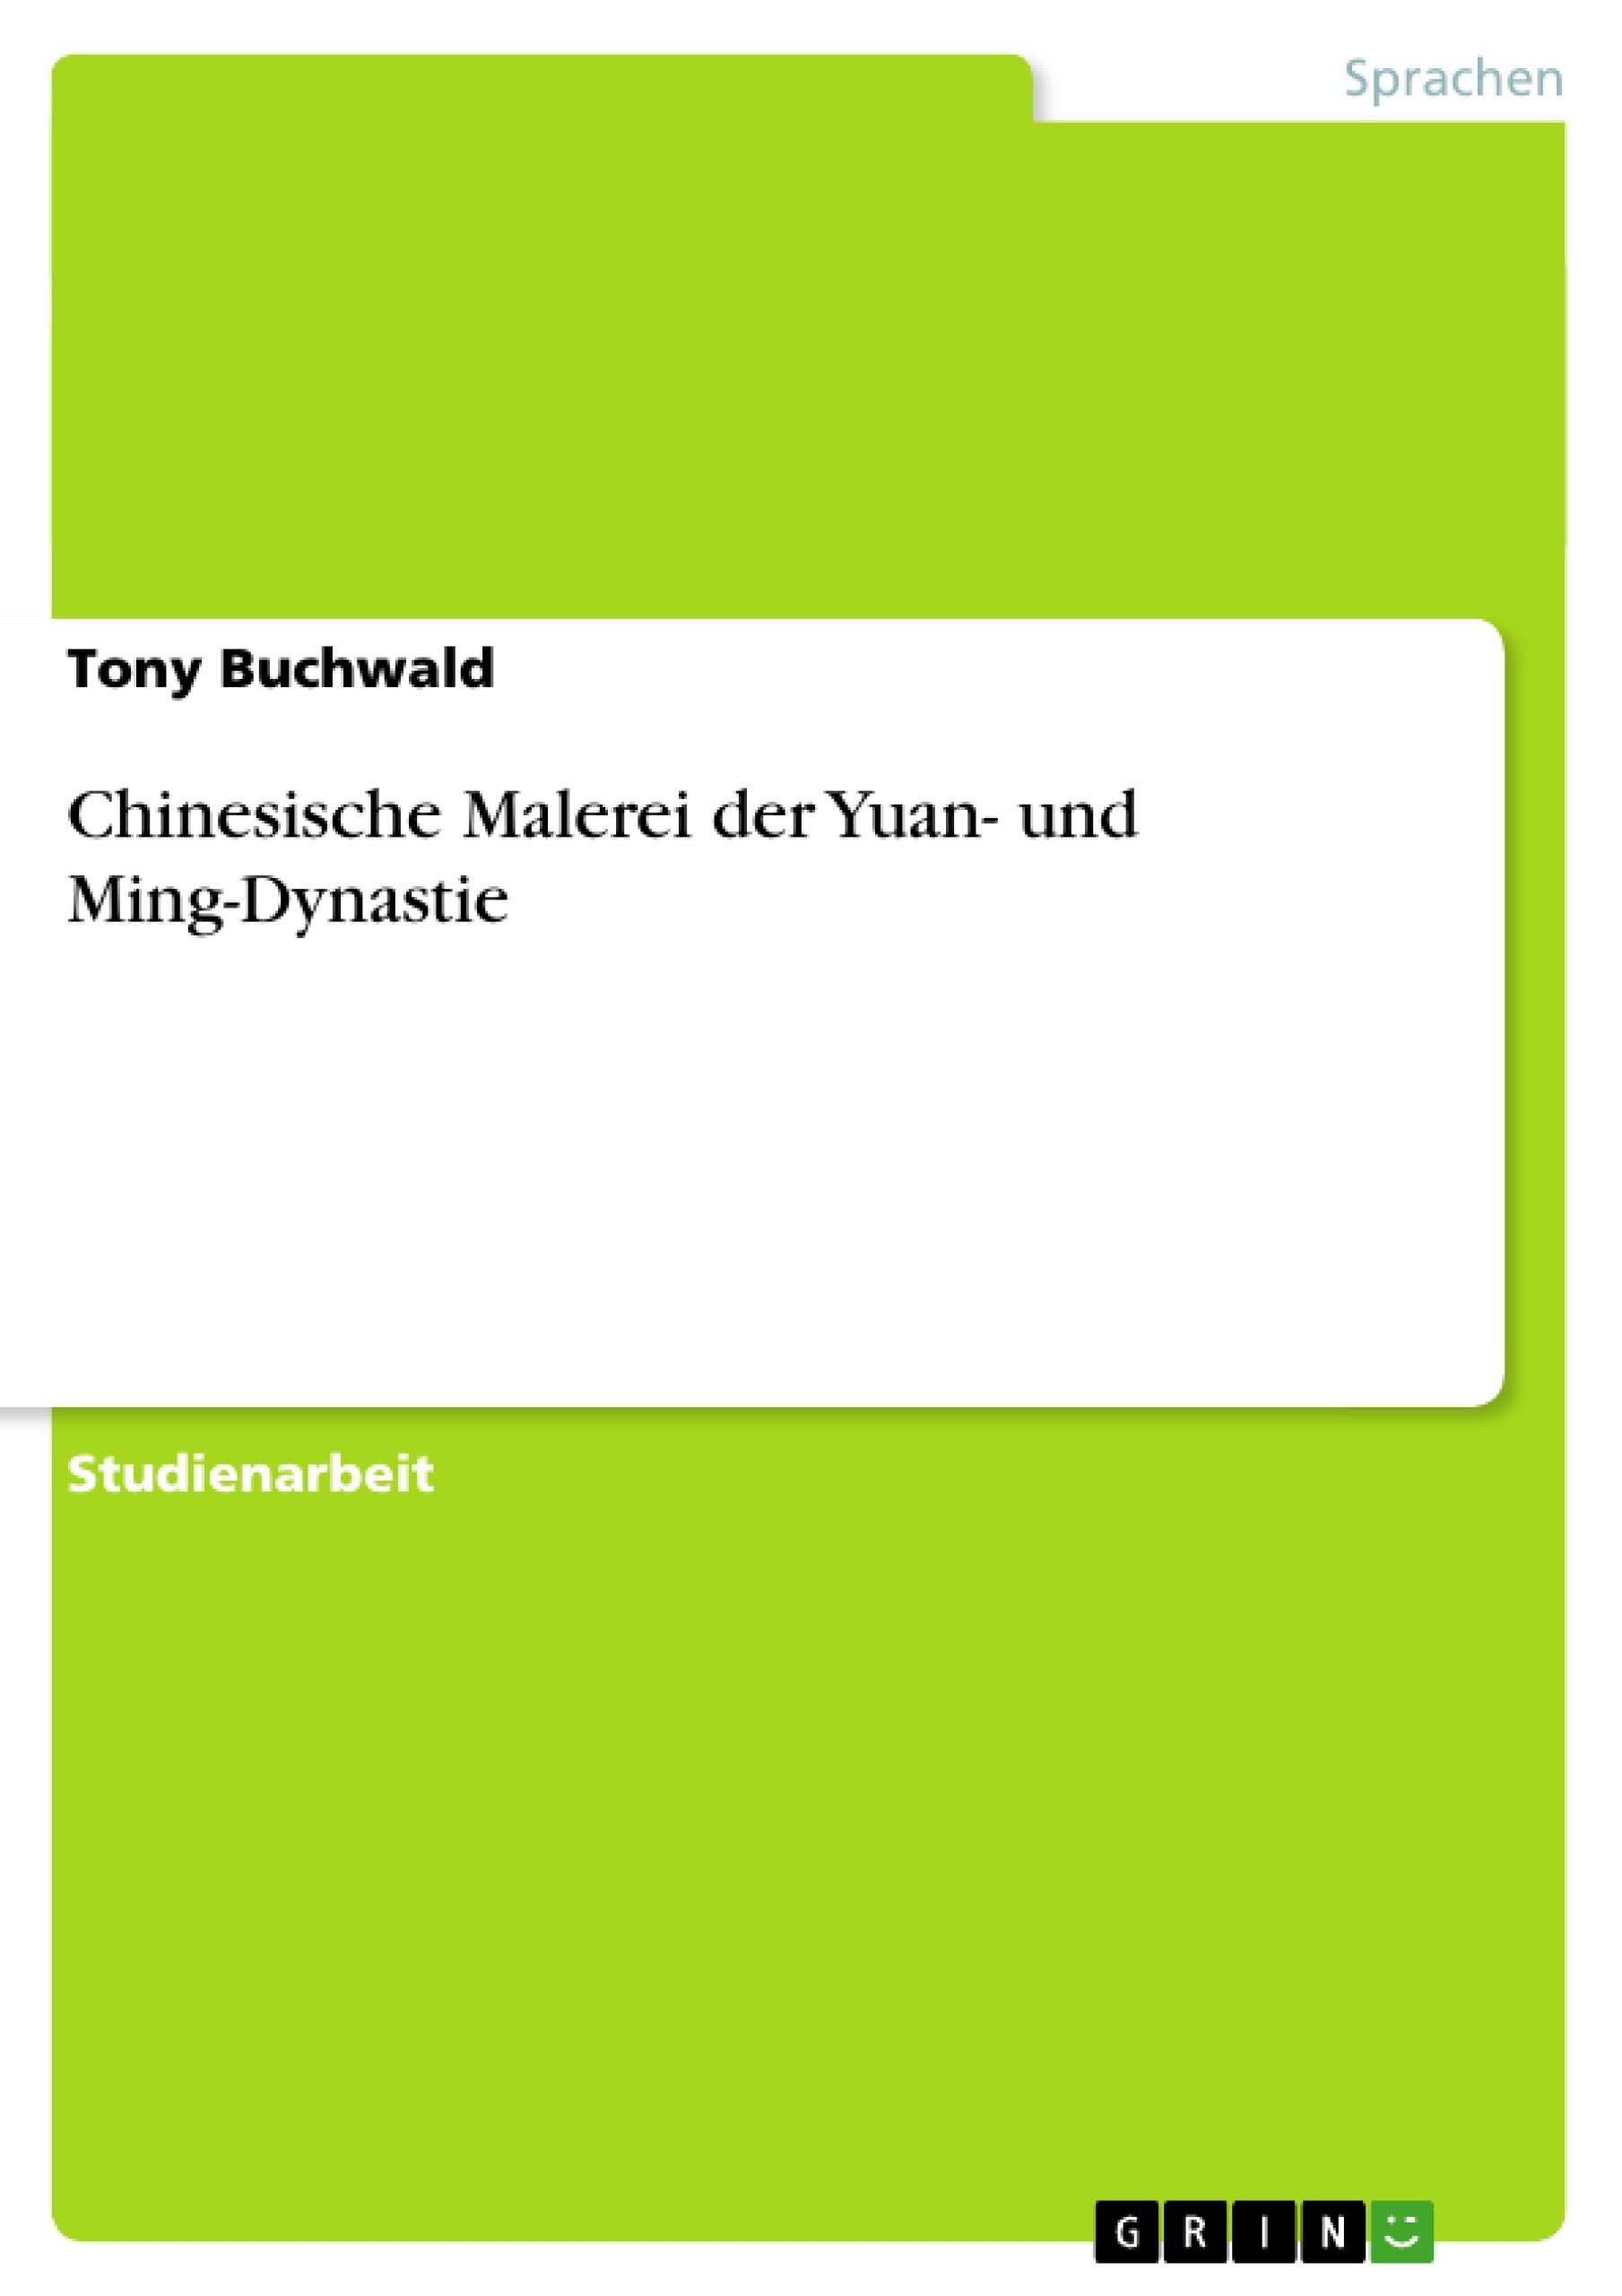 Titel: Chinesische Malerei der Yuan- und Ming-Dynastie